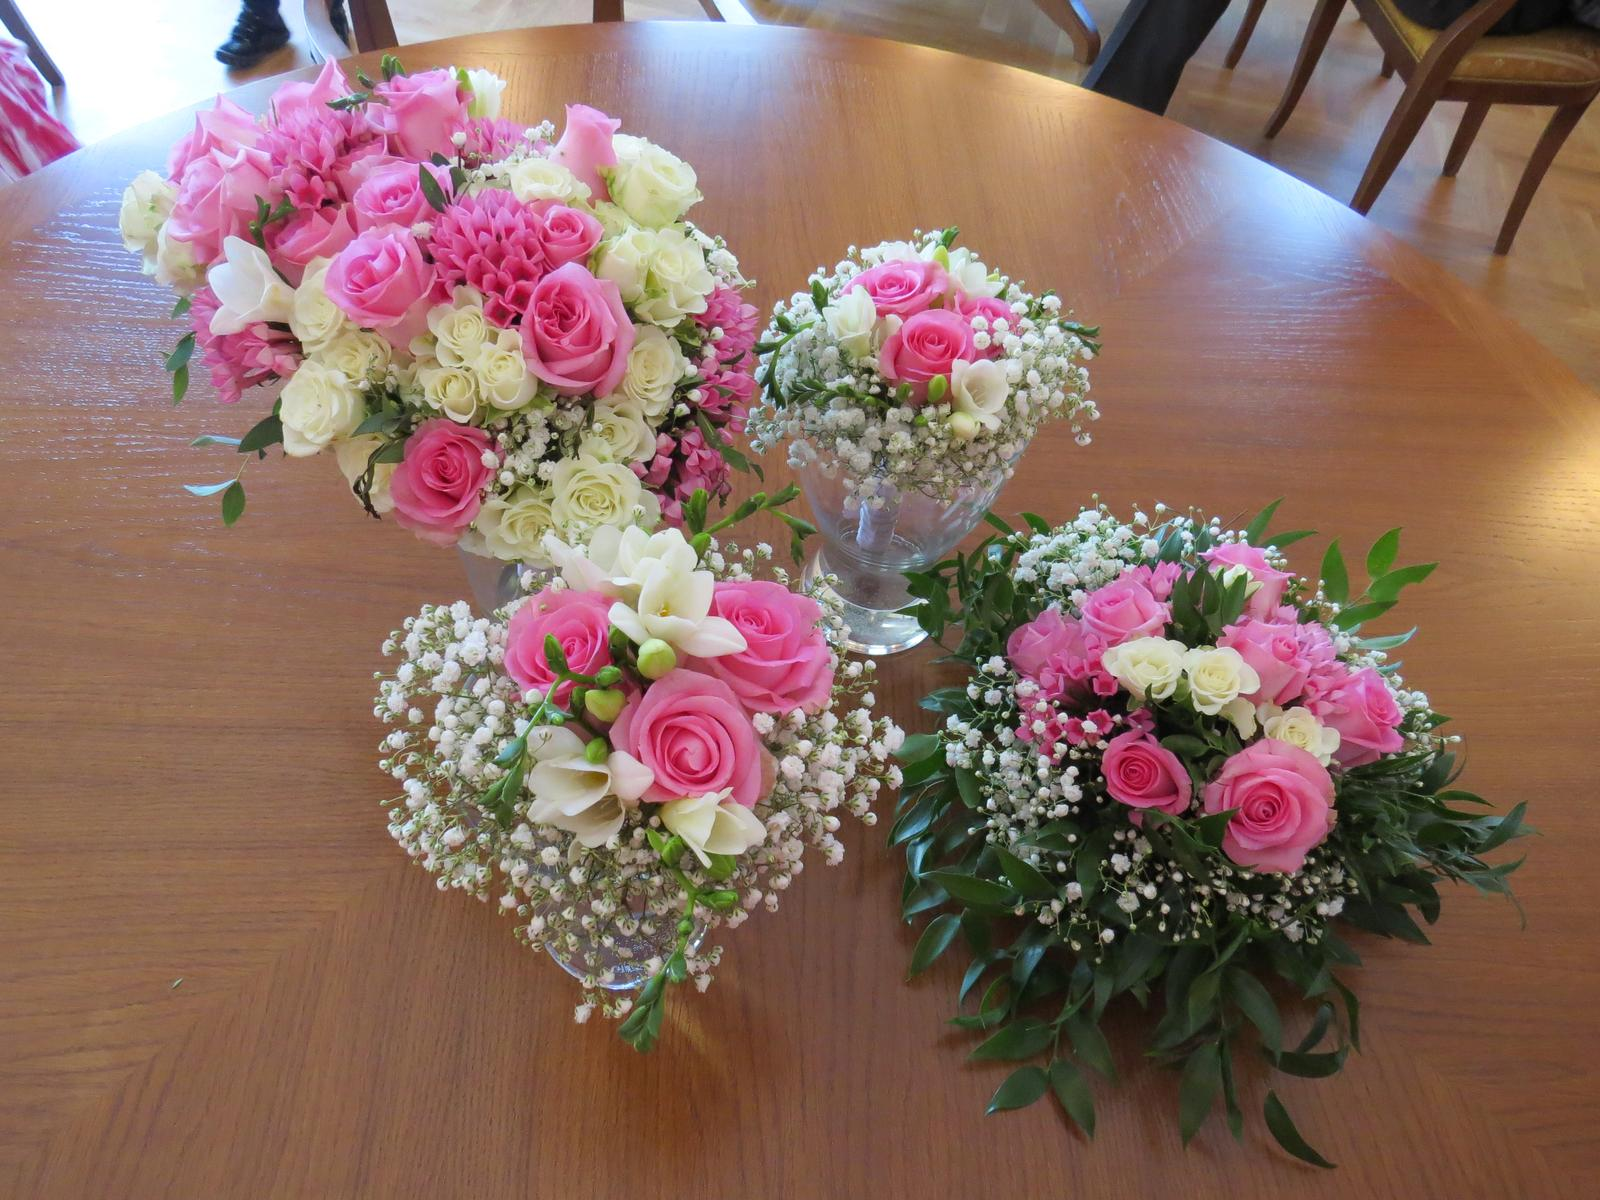 Monika{{_AND_}}Ivo - Květiny mě moc mile překvapily. Ve stejném duchu bylo i aranžmá pod prstýnky a náramek svědkyně. Foto od kamarádky.